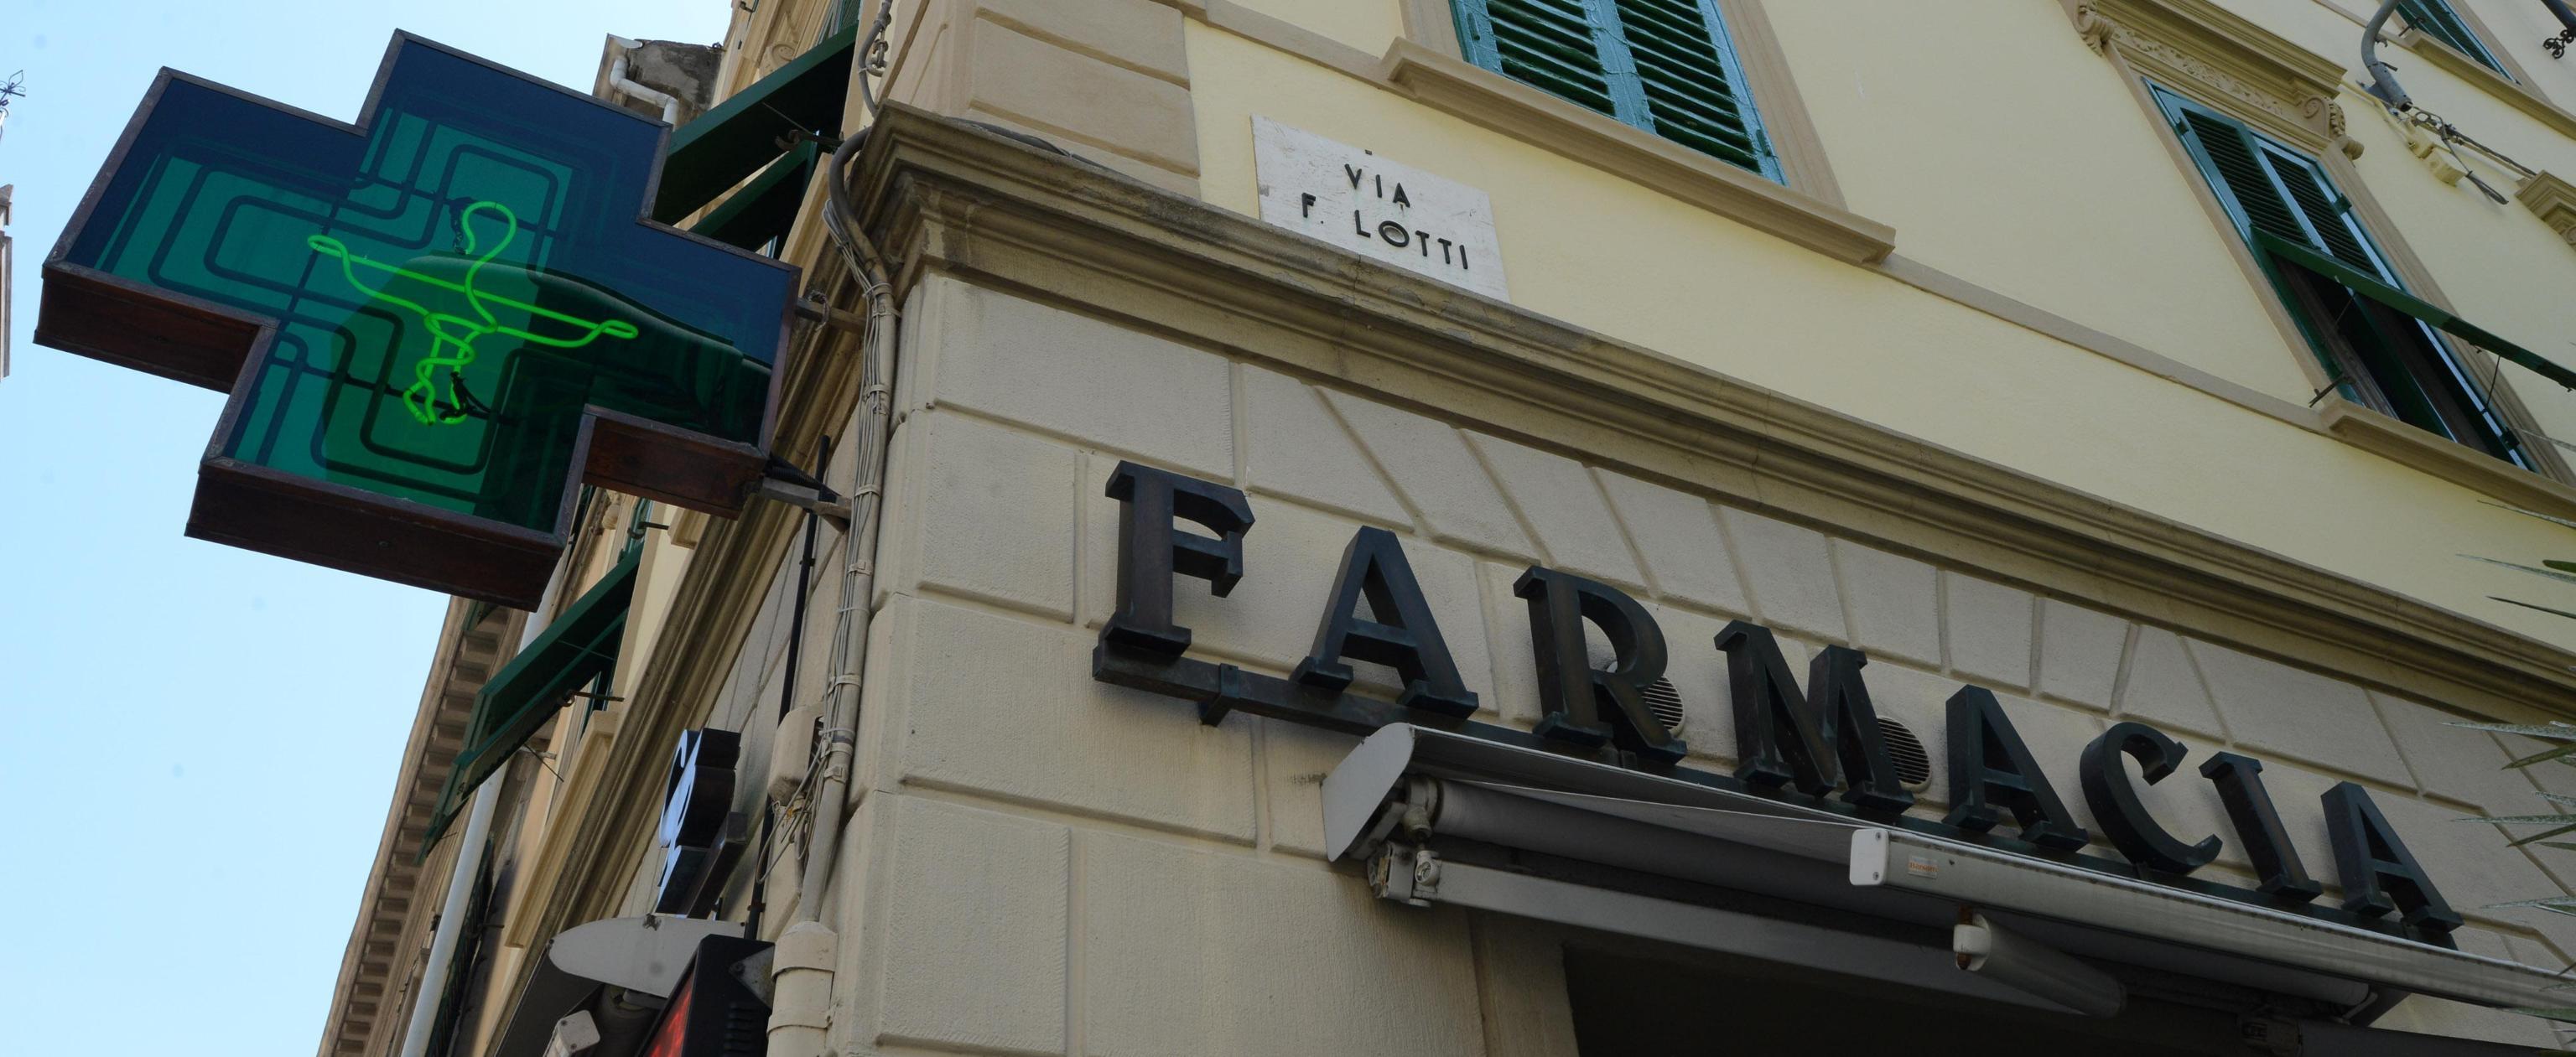 Colpo in farmacia, | è caccia al rapinatore - Live Sicilia